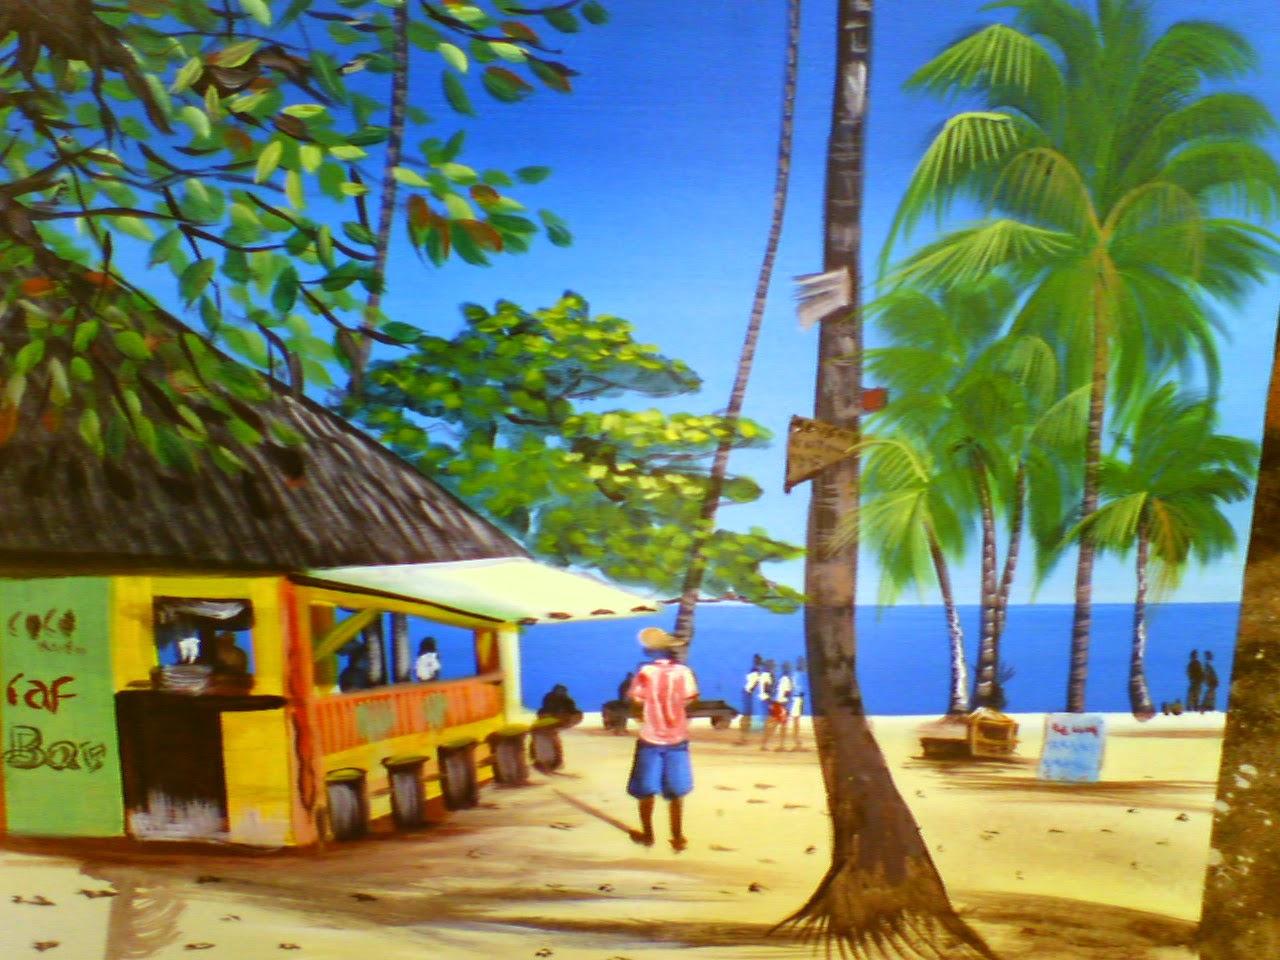 Haitianarts plages cadres chambres à louer